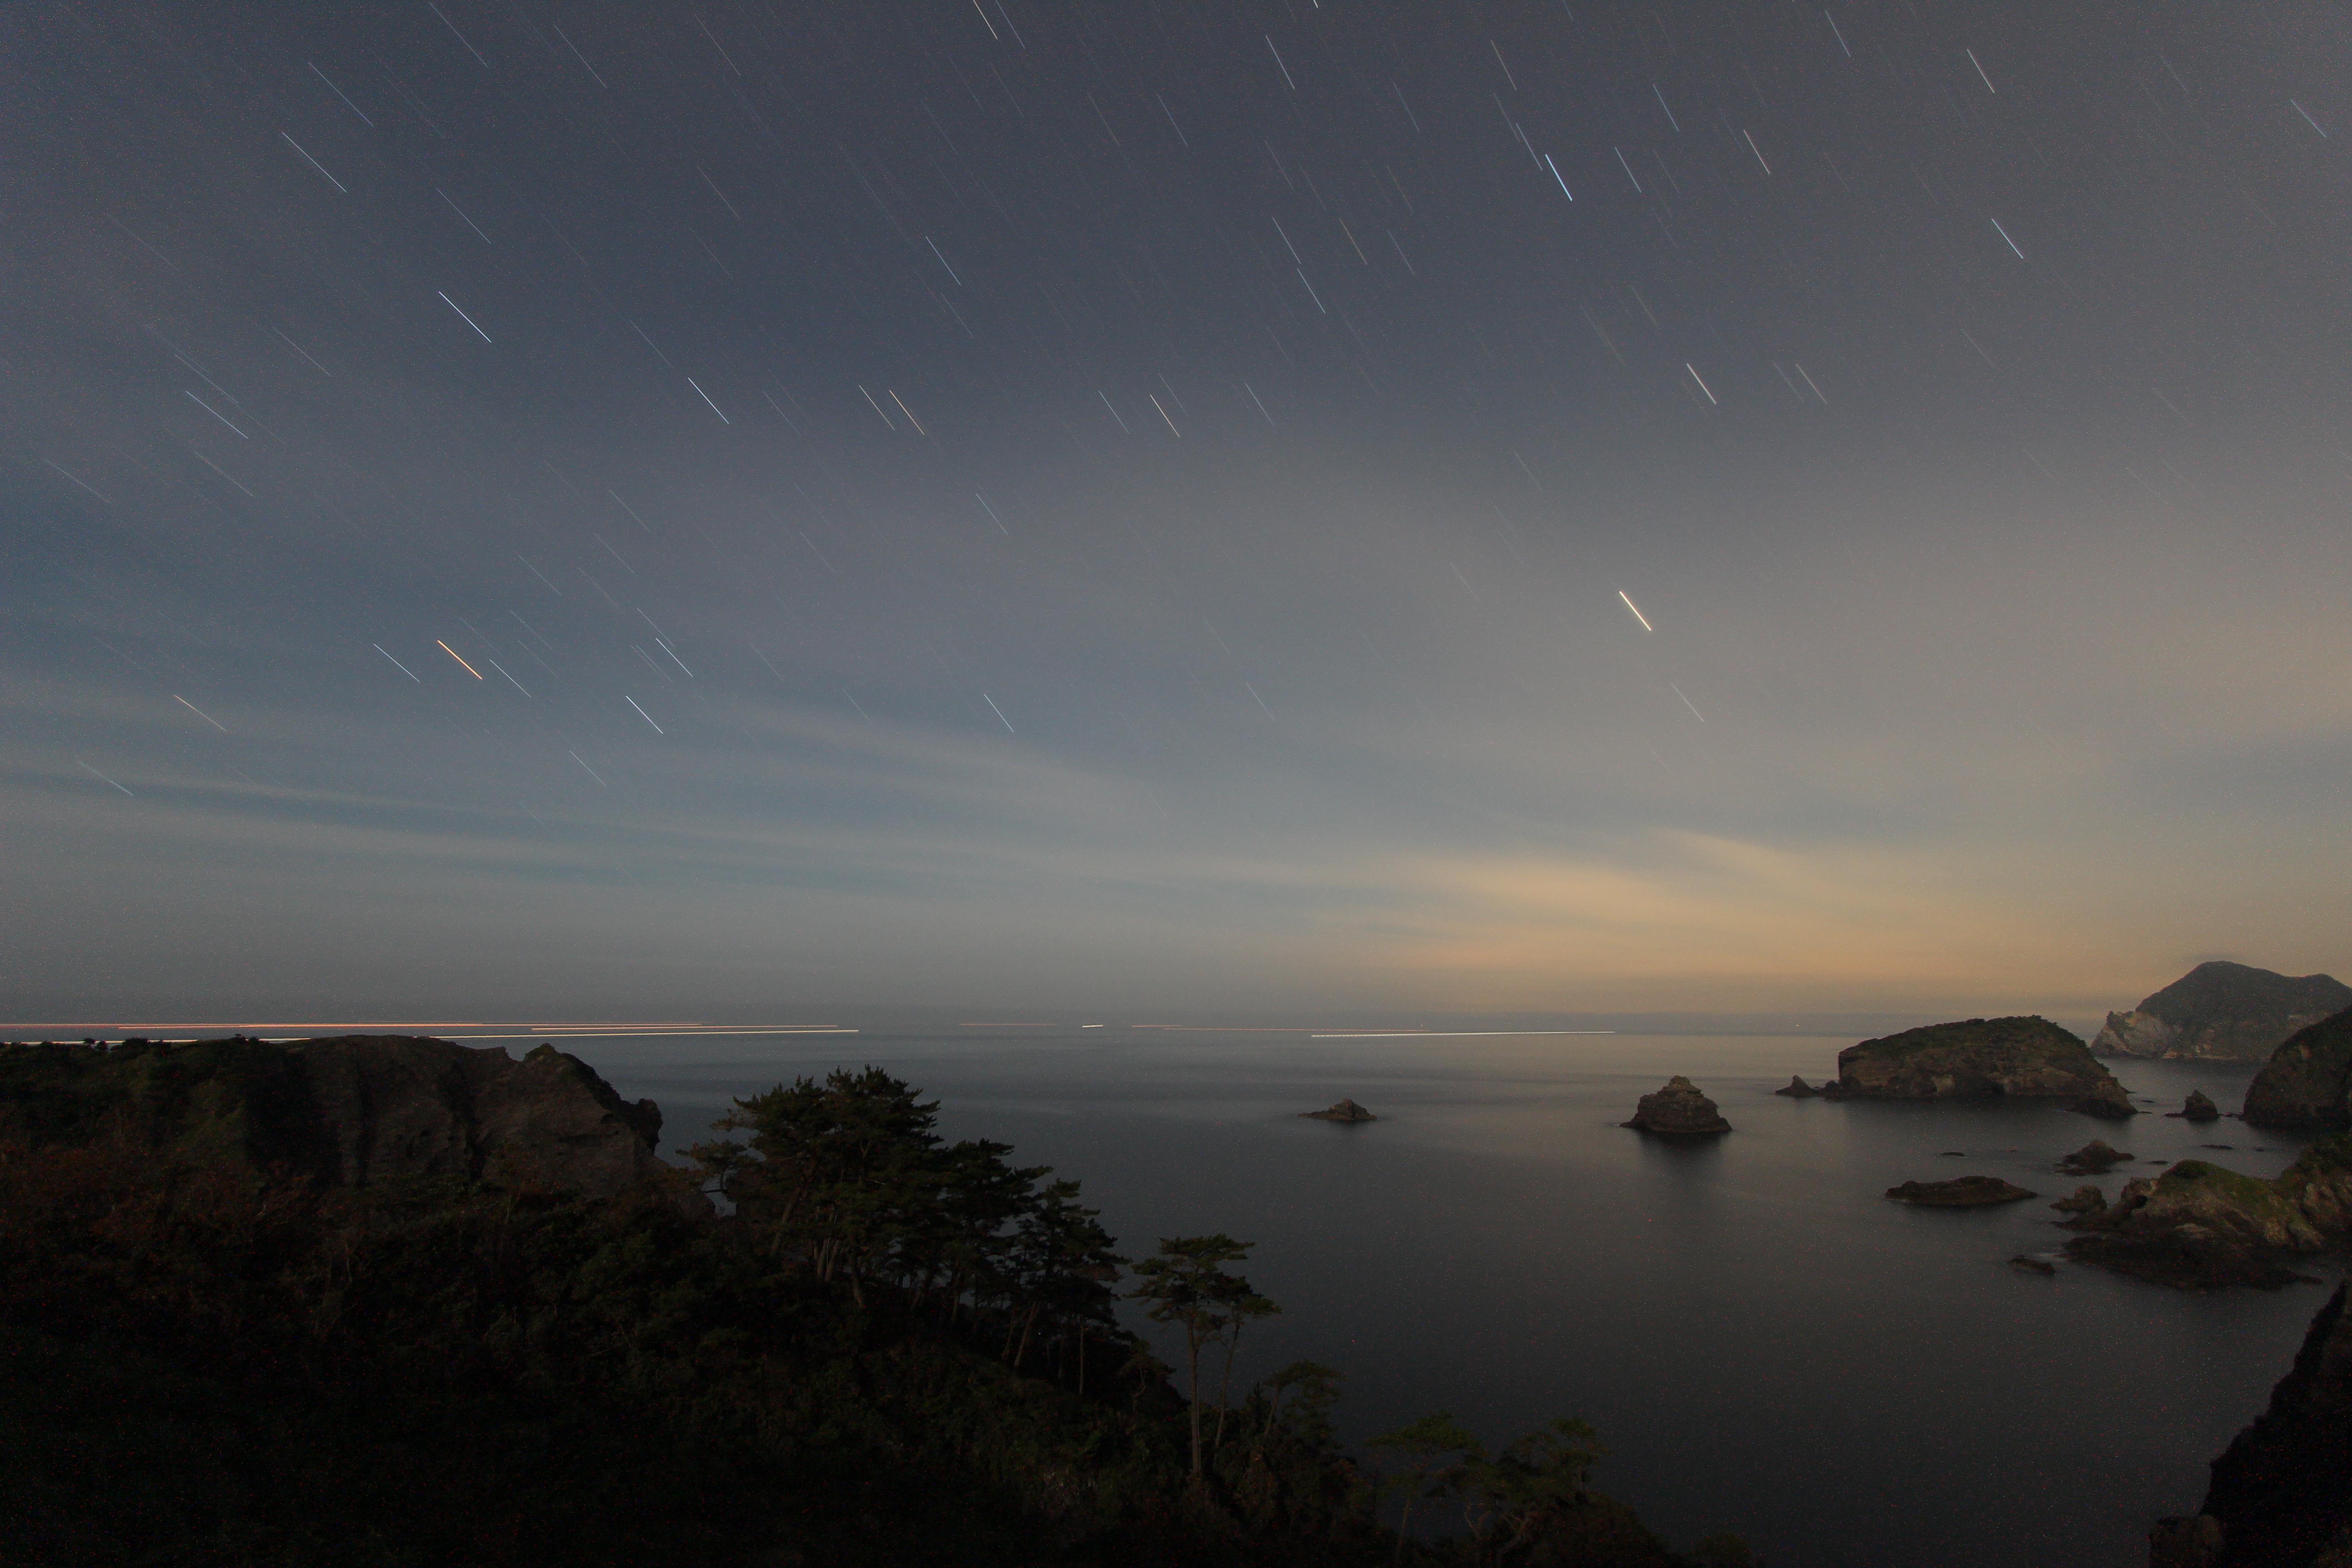 <b>空がうっすらと曇っていて、画面中央右側に遠くの街の灯りが影響したことと、月が出ていたたことが重なり、露光時間10分で夜空がかなり明るく写ってしまった。</b>